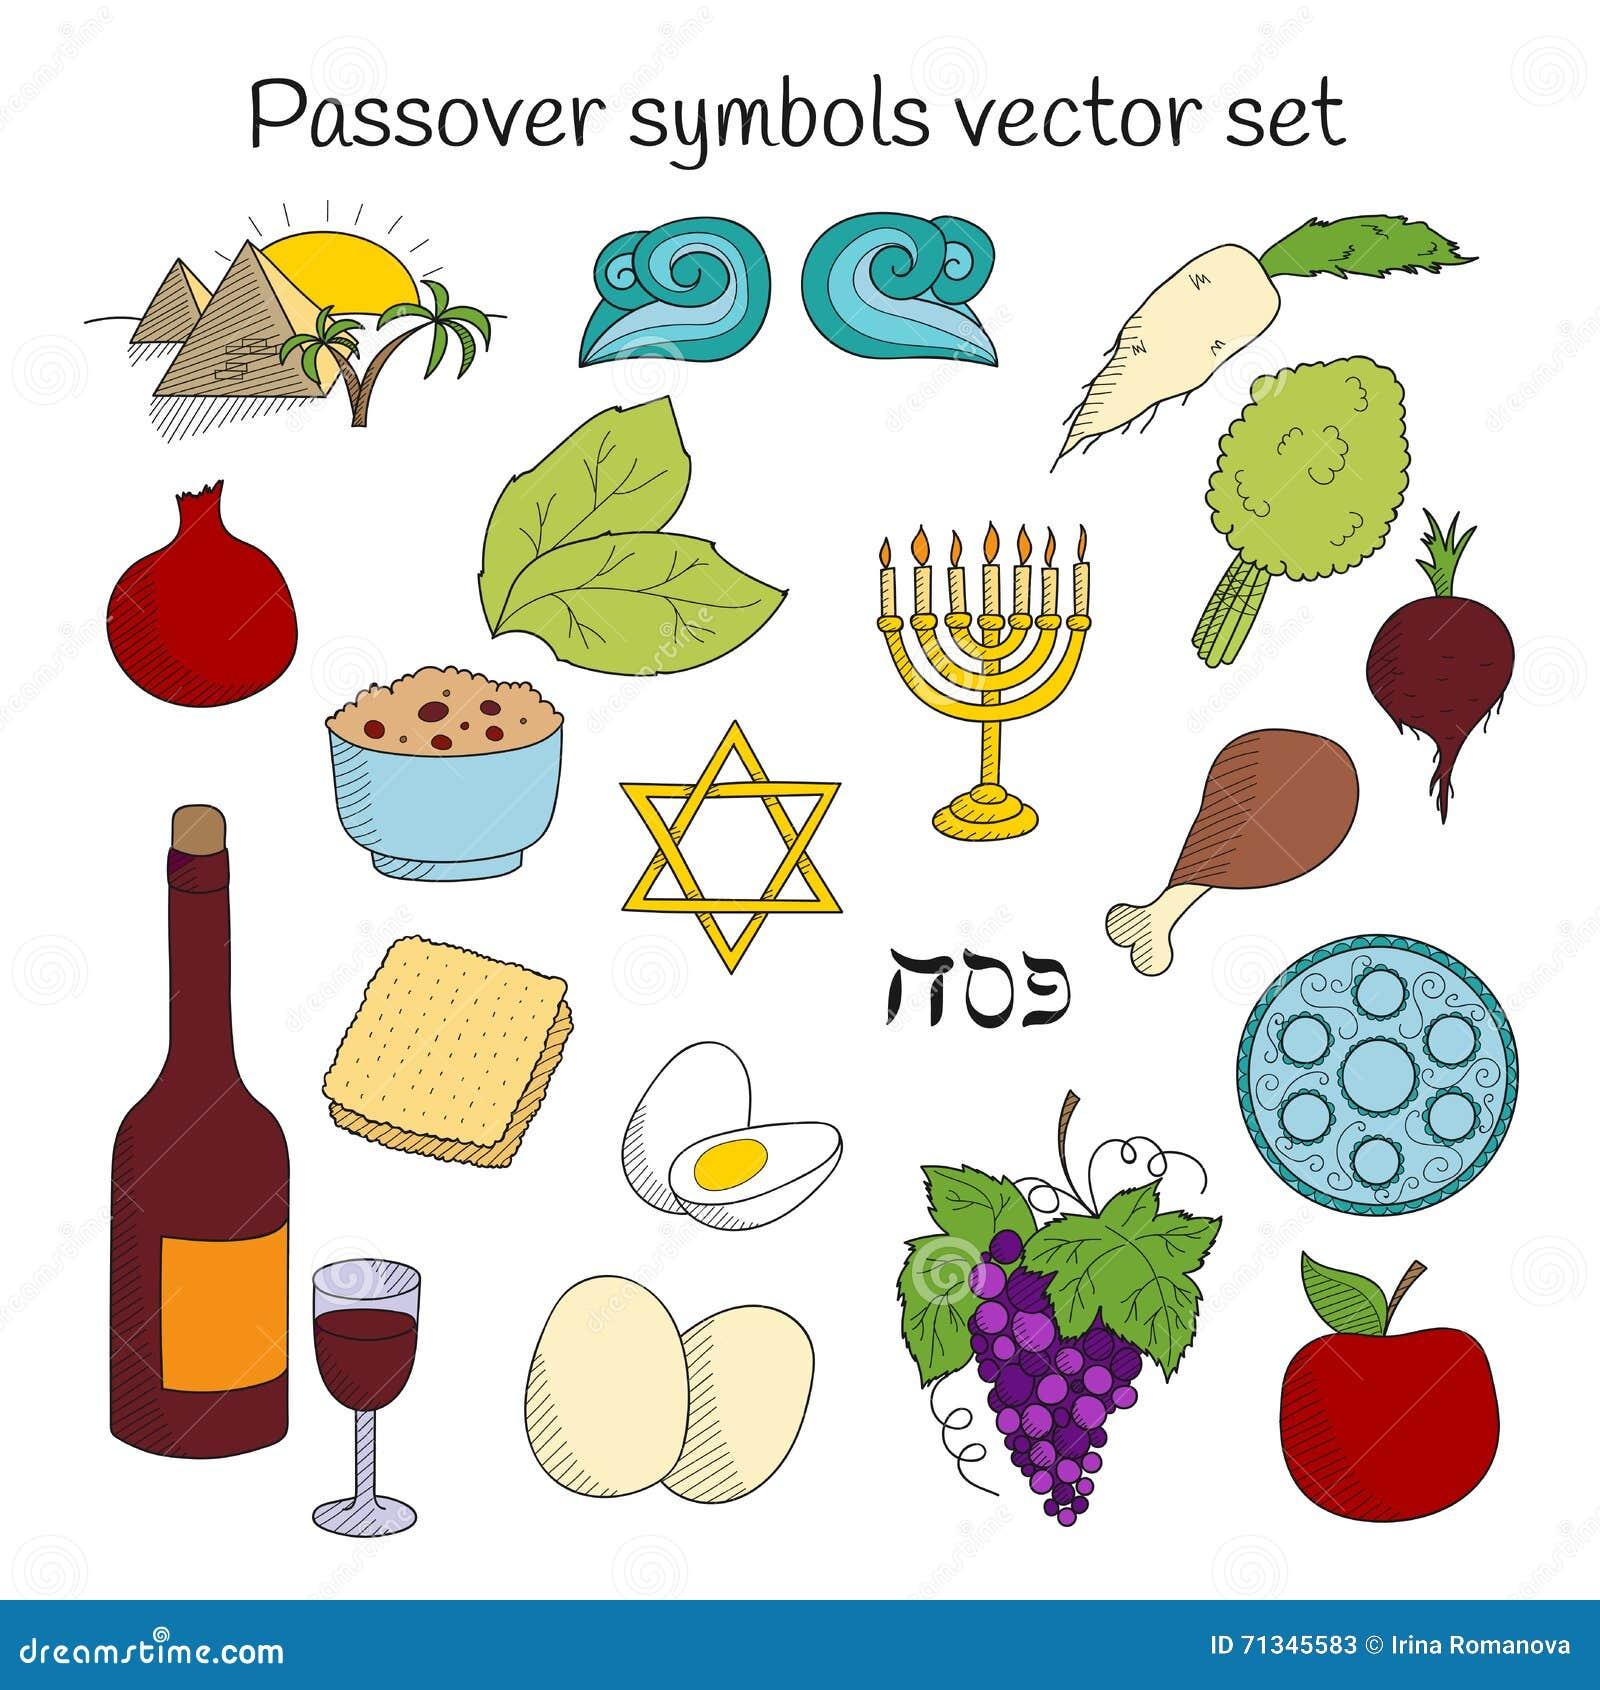 Coolection De Simbolos Da Garatuja Da Pascoa Judaica Judaica Do Feriado Ilustracao Do Vetor Ilustracao De Simbolos Judaica 71345583